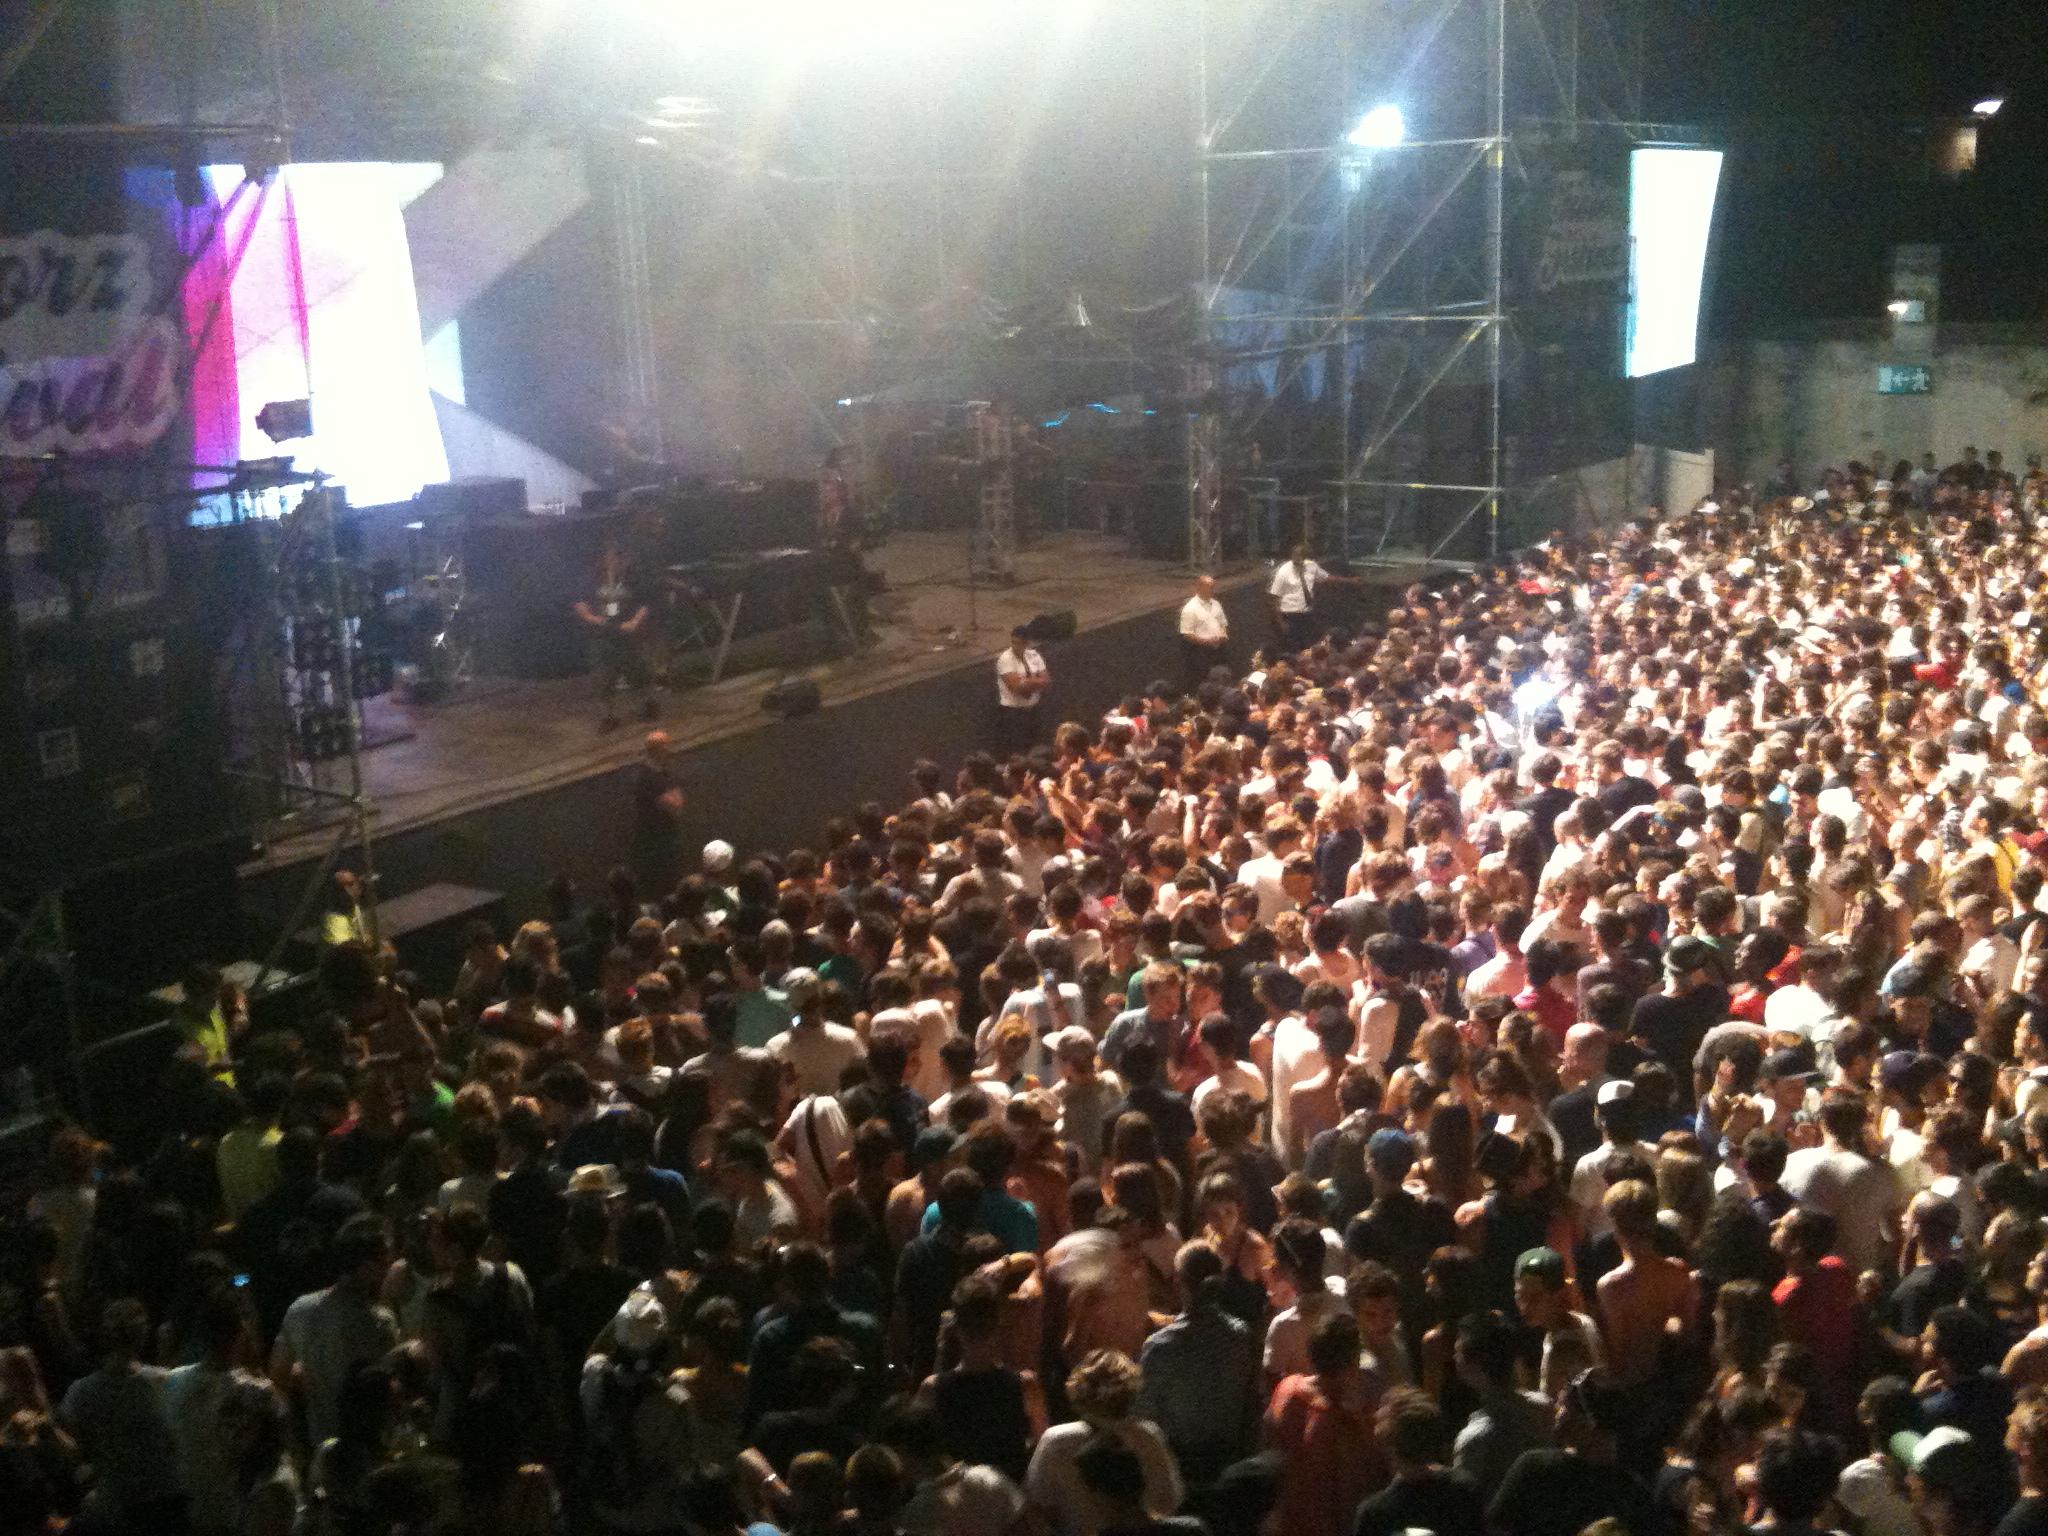 concert-kolorz-3500-personnes